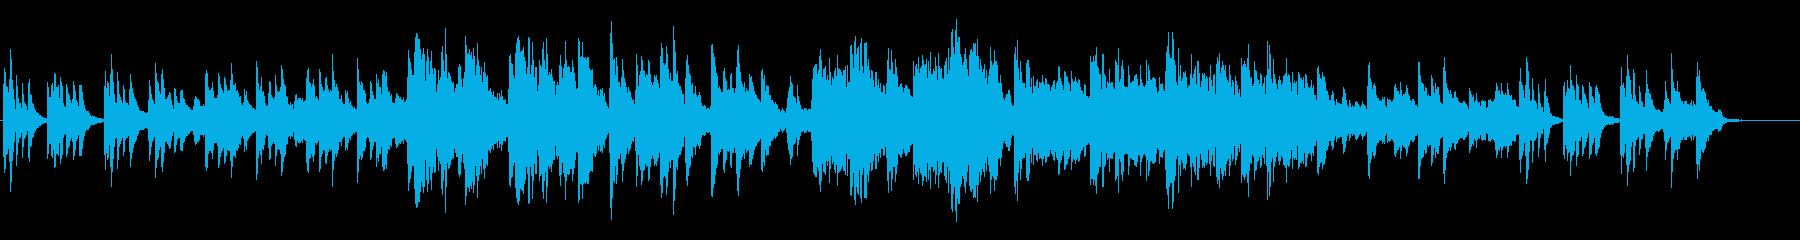 和風、琴が神秘的な癒しのバラードの再生済みの波形